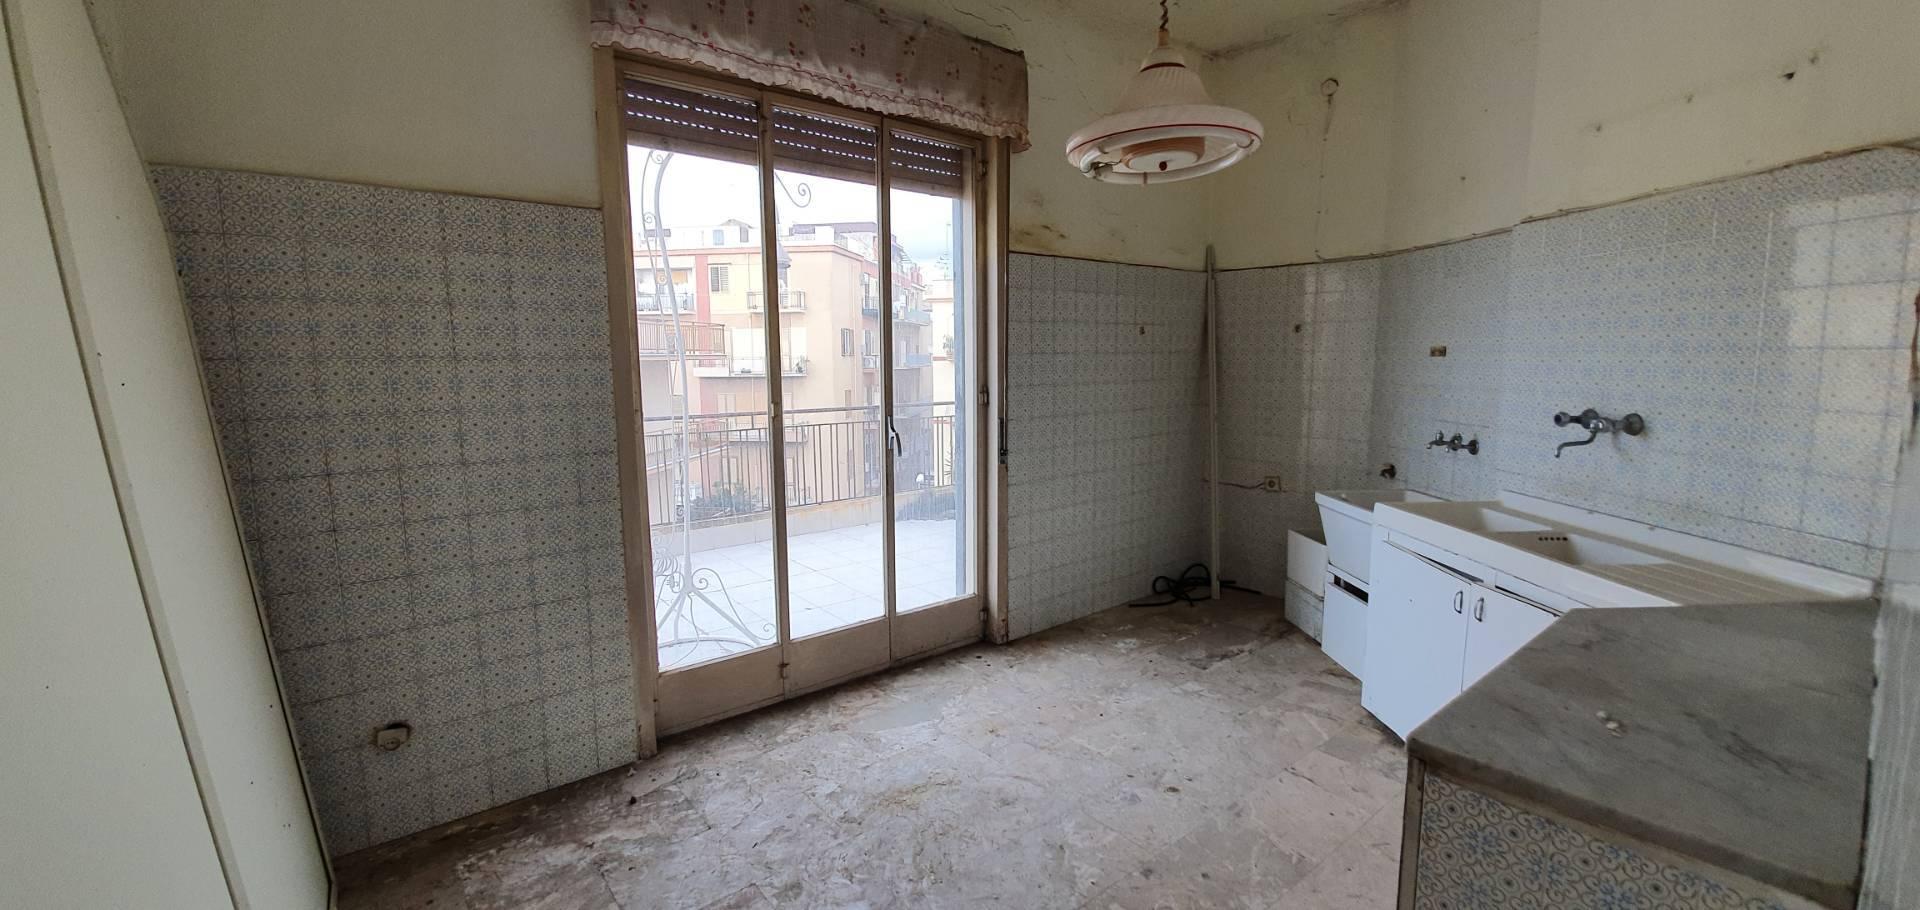 Attico / Mansarda in vendita a Sciacca, 5 locali, zona Località: CentroStorico, prezzo € 90.000 | PortaleAgenzieImmobiliari.it